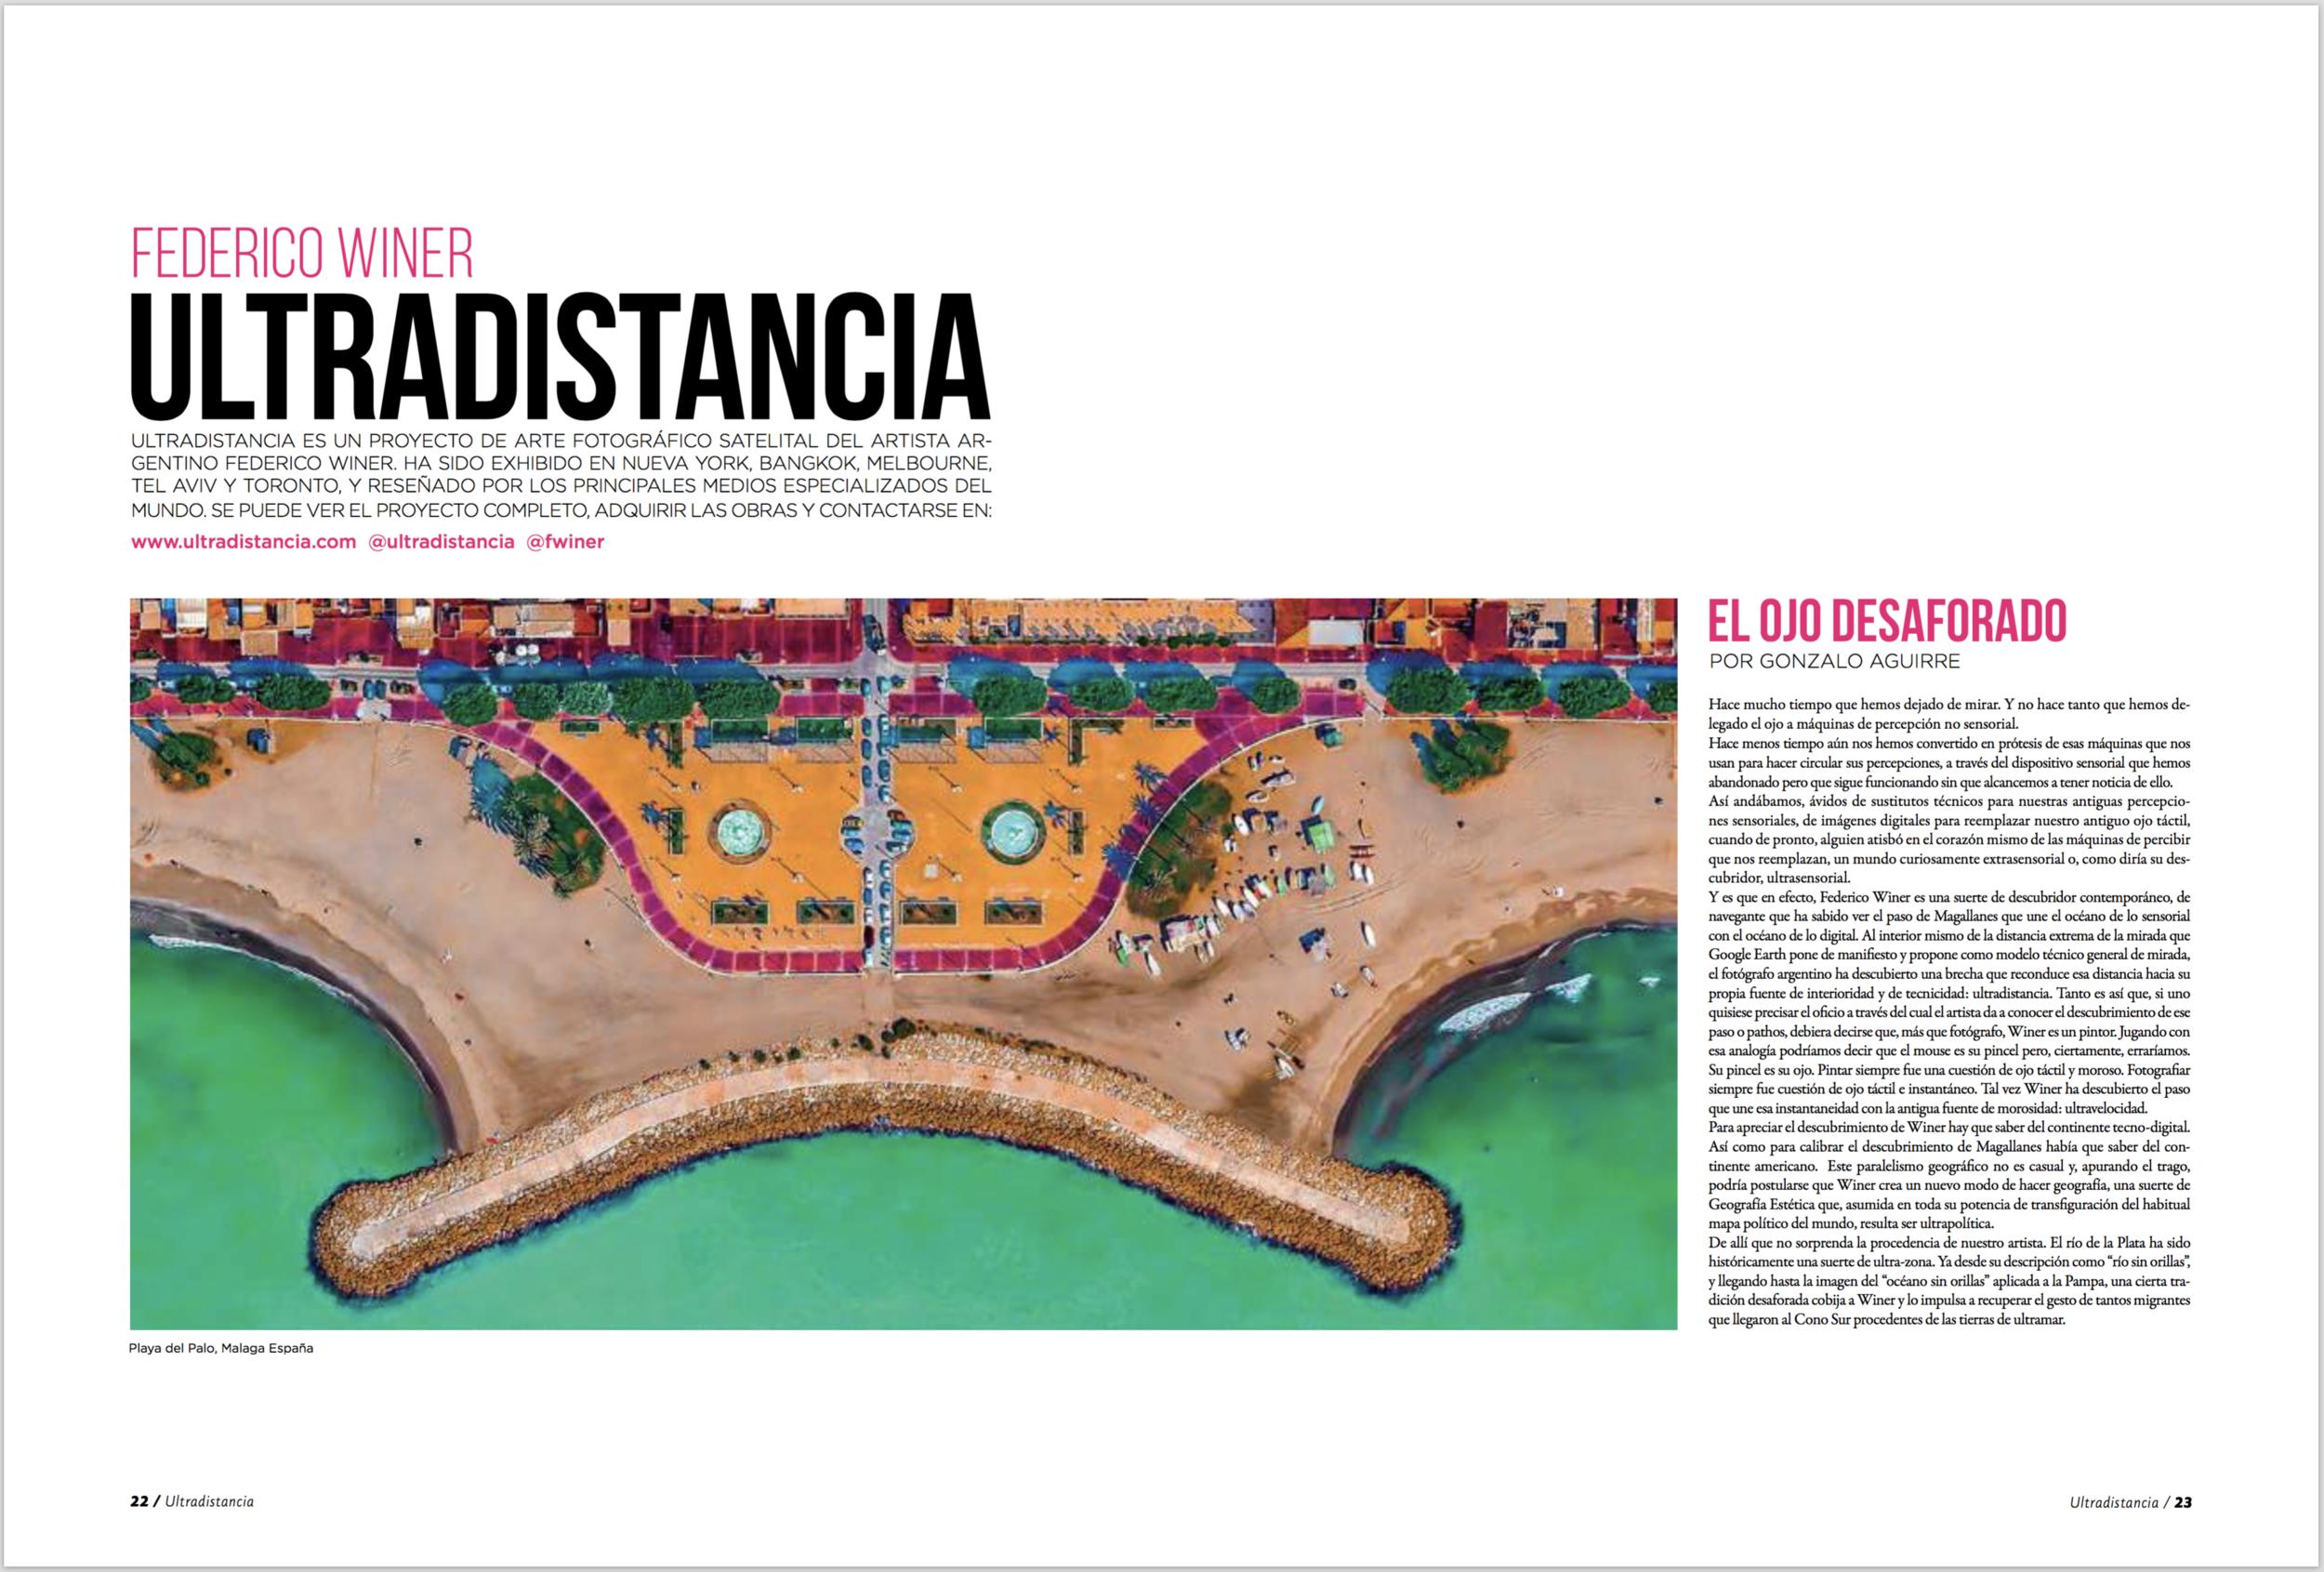 Magazine: MARCOPOLO ALMUNDO. September 16 edition